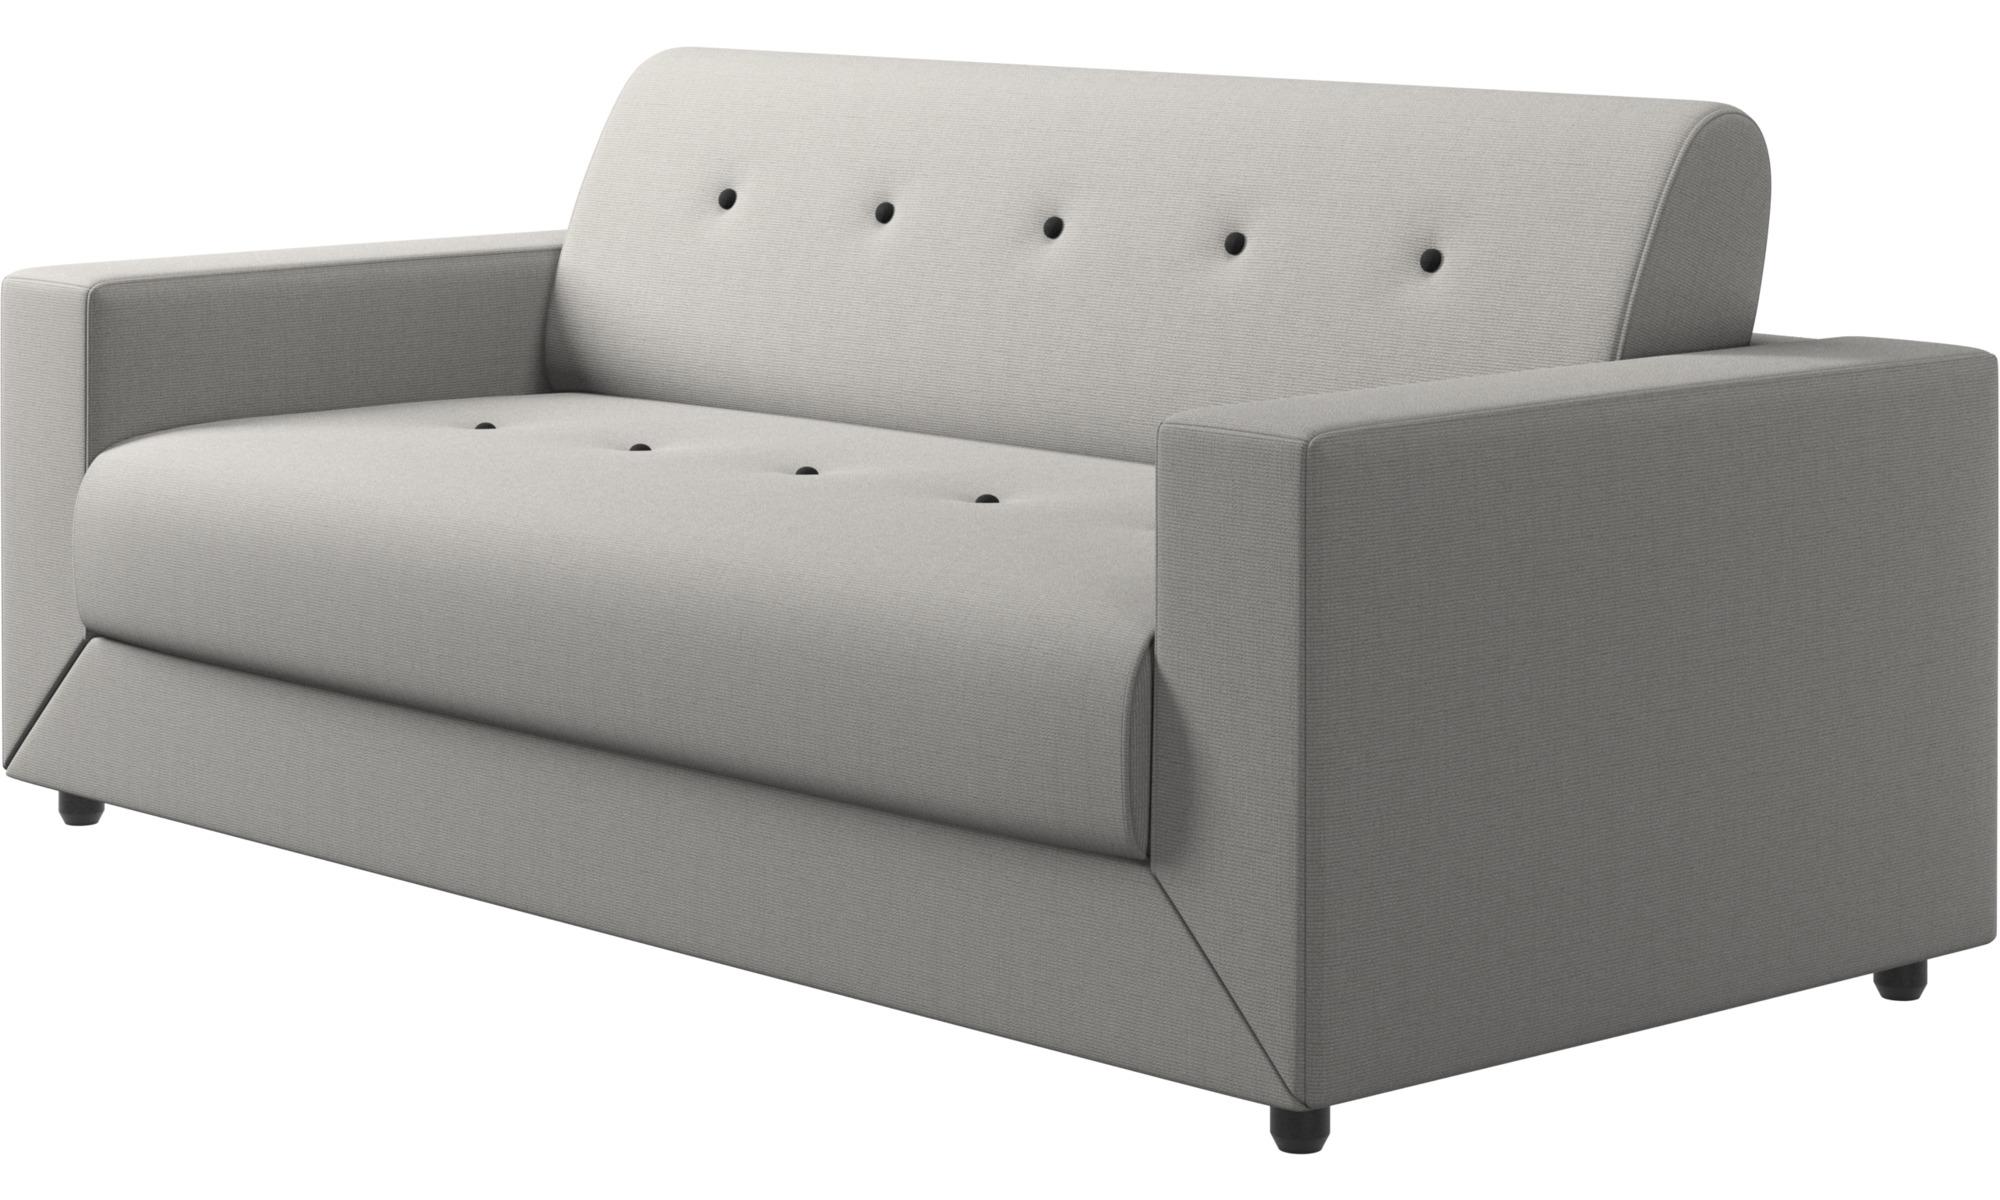 Sofa beds Stockholm sofa bed BoConcept